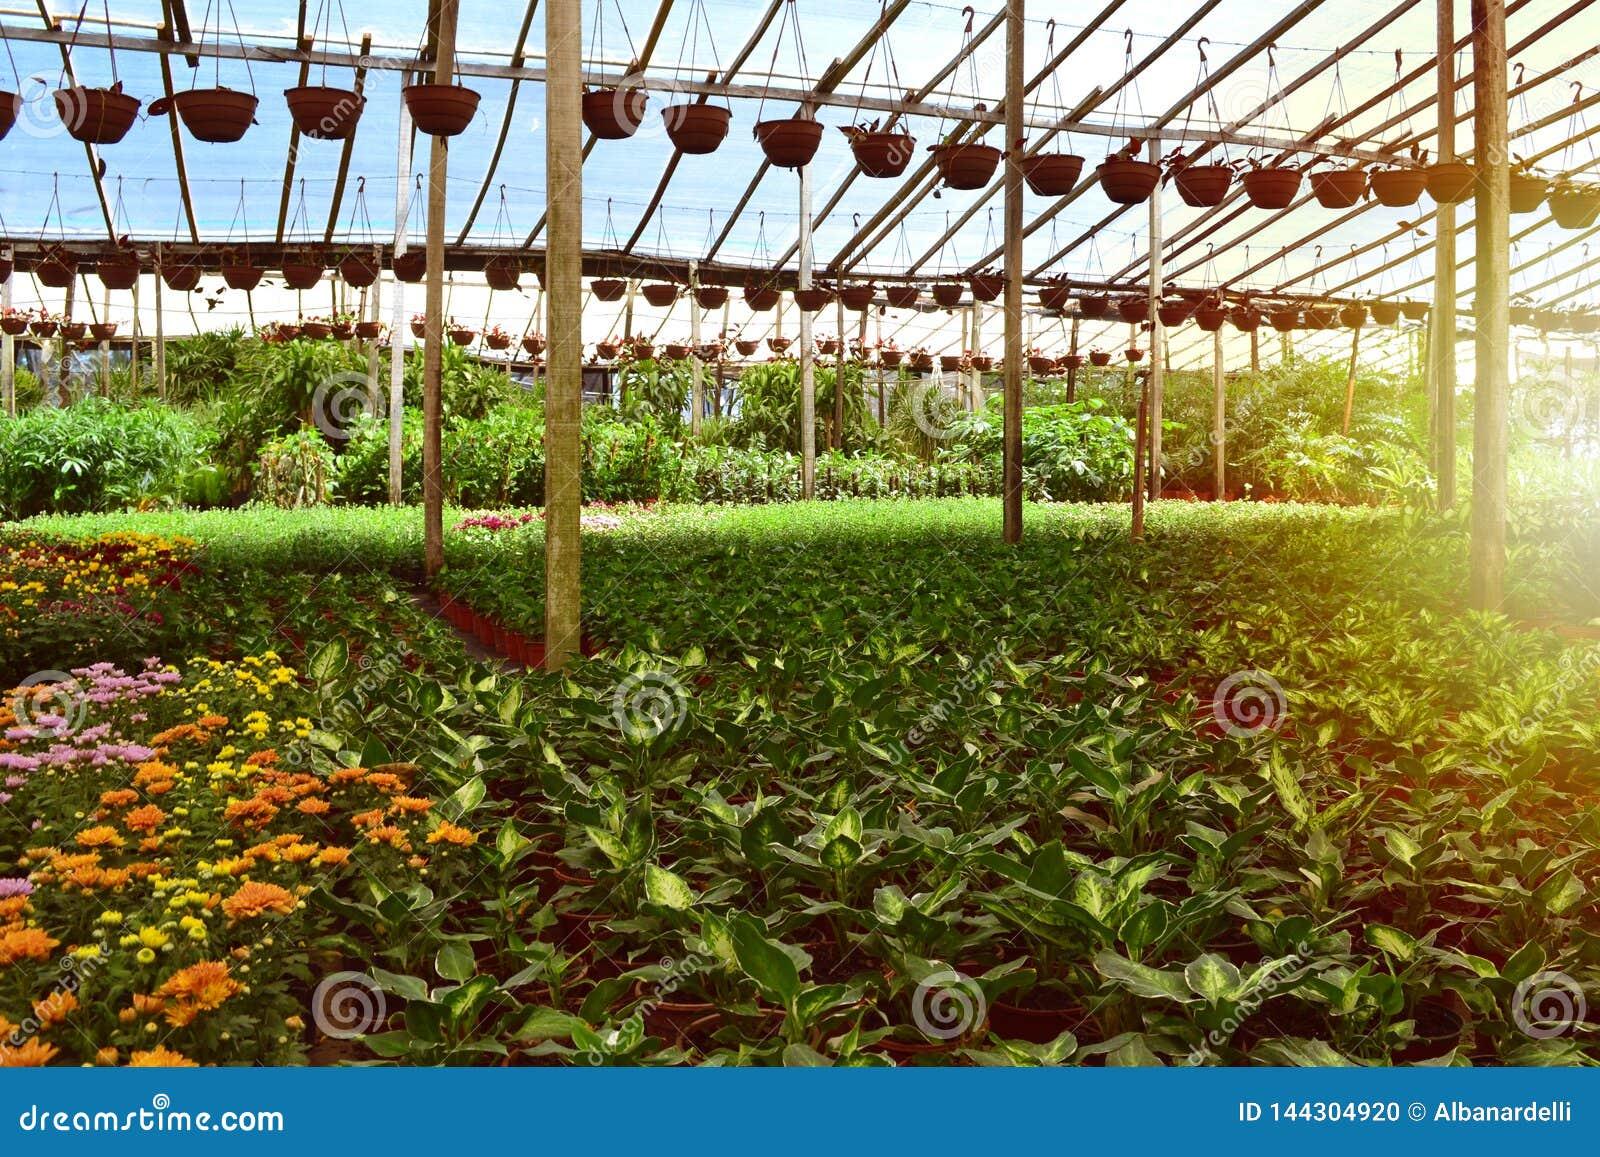 Produtor do berçário das plantas e das árvores